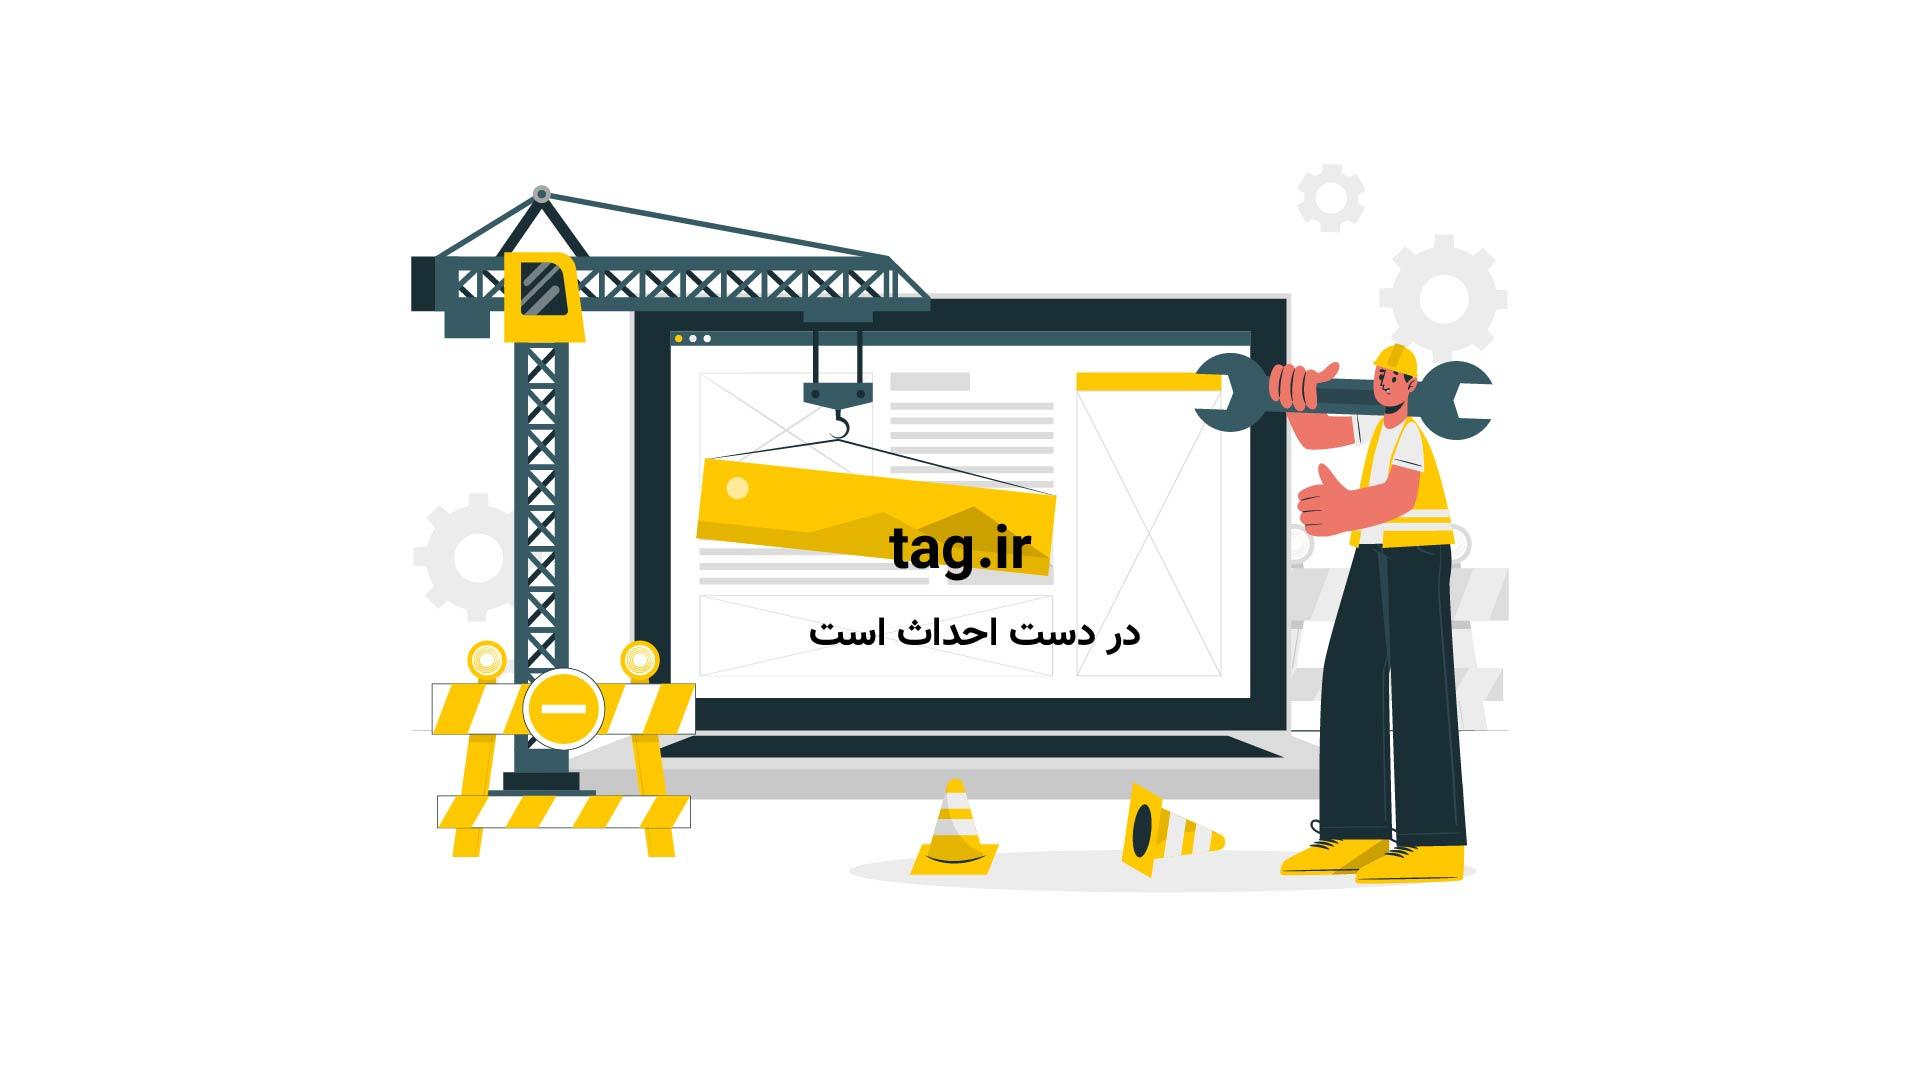 درست کردن چترهای کوچک تزیینی با کاغذ و تکنیک اوریگامی | فیلم